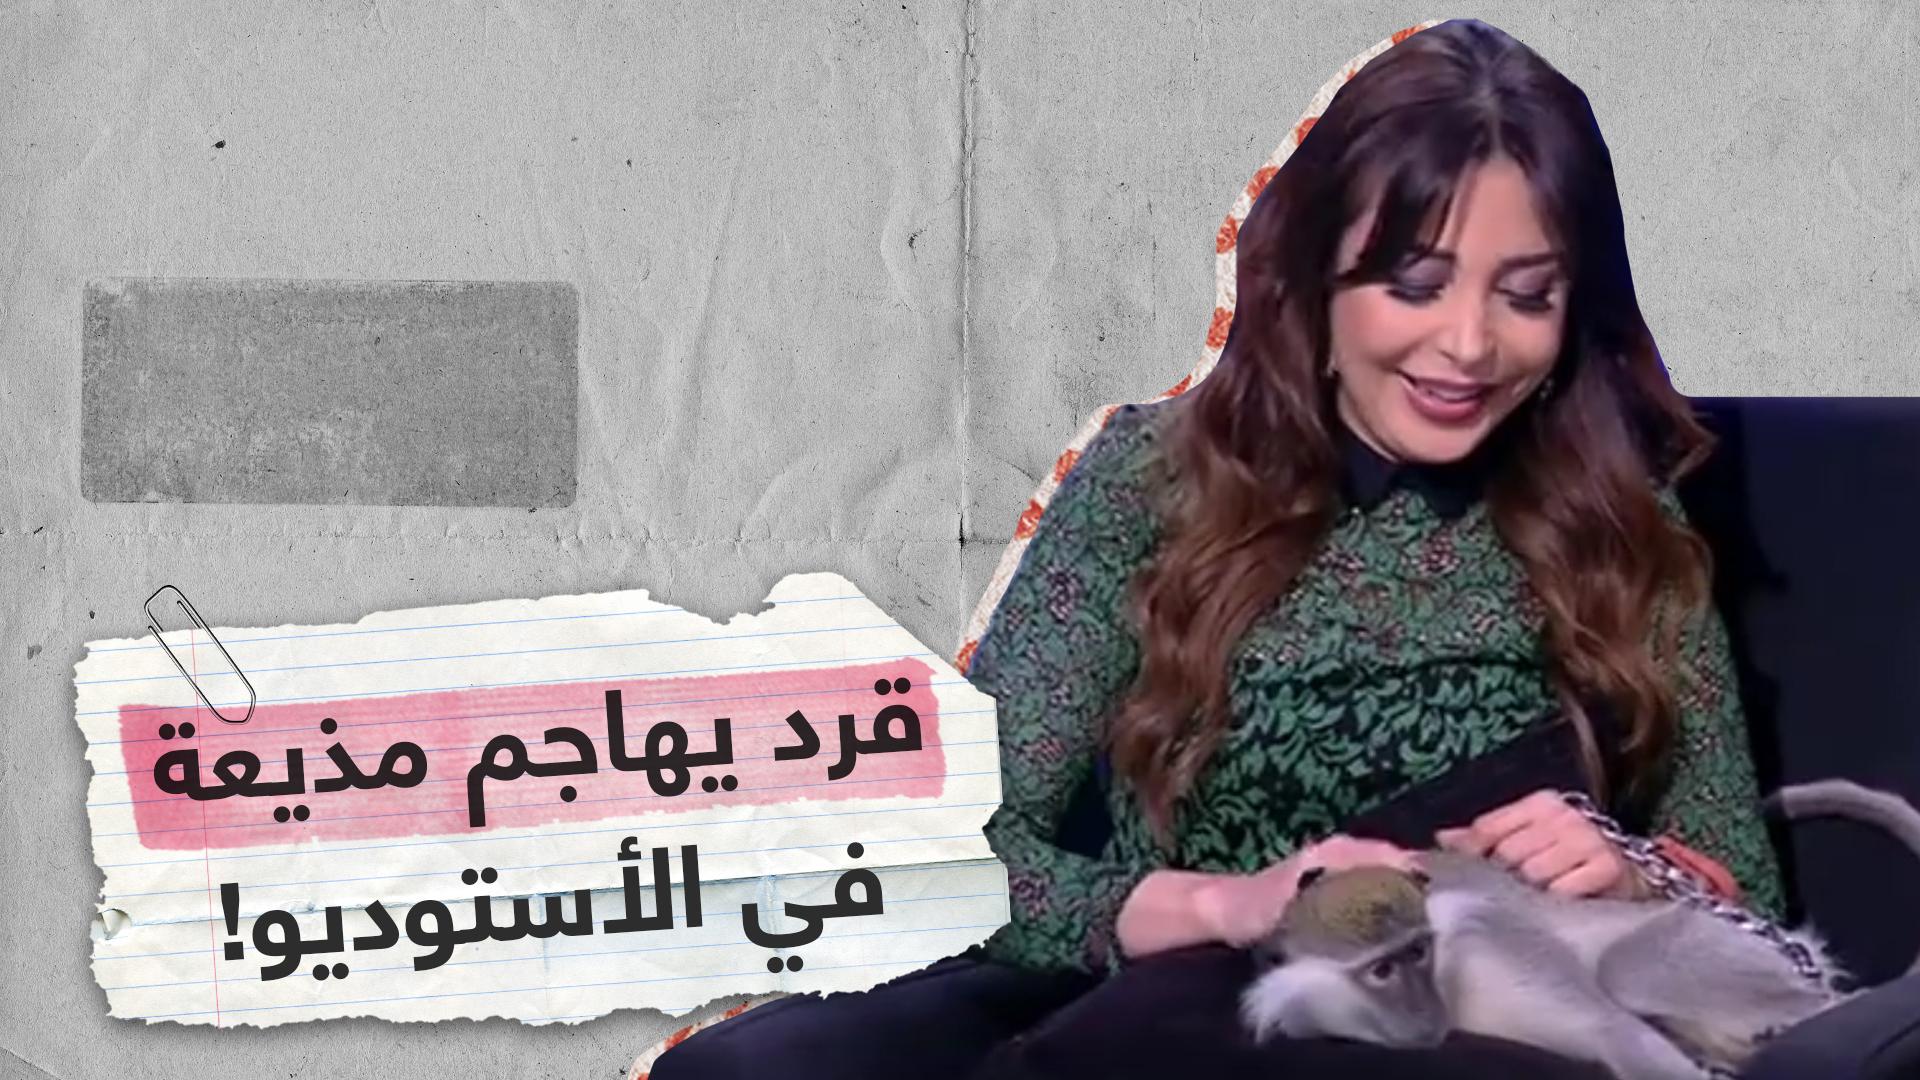 قرد مدرب يهاجم مذيعة مصرية في الأستوديو